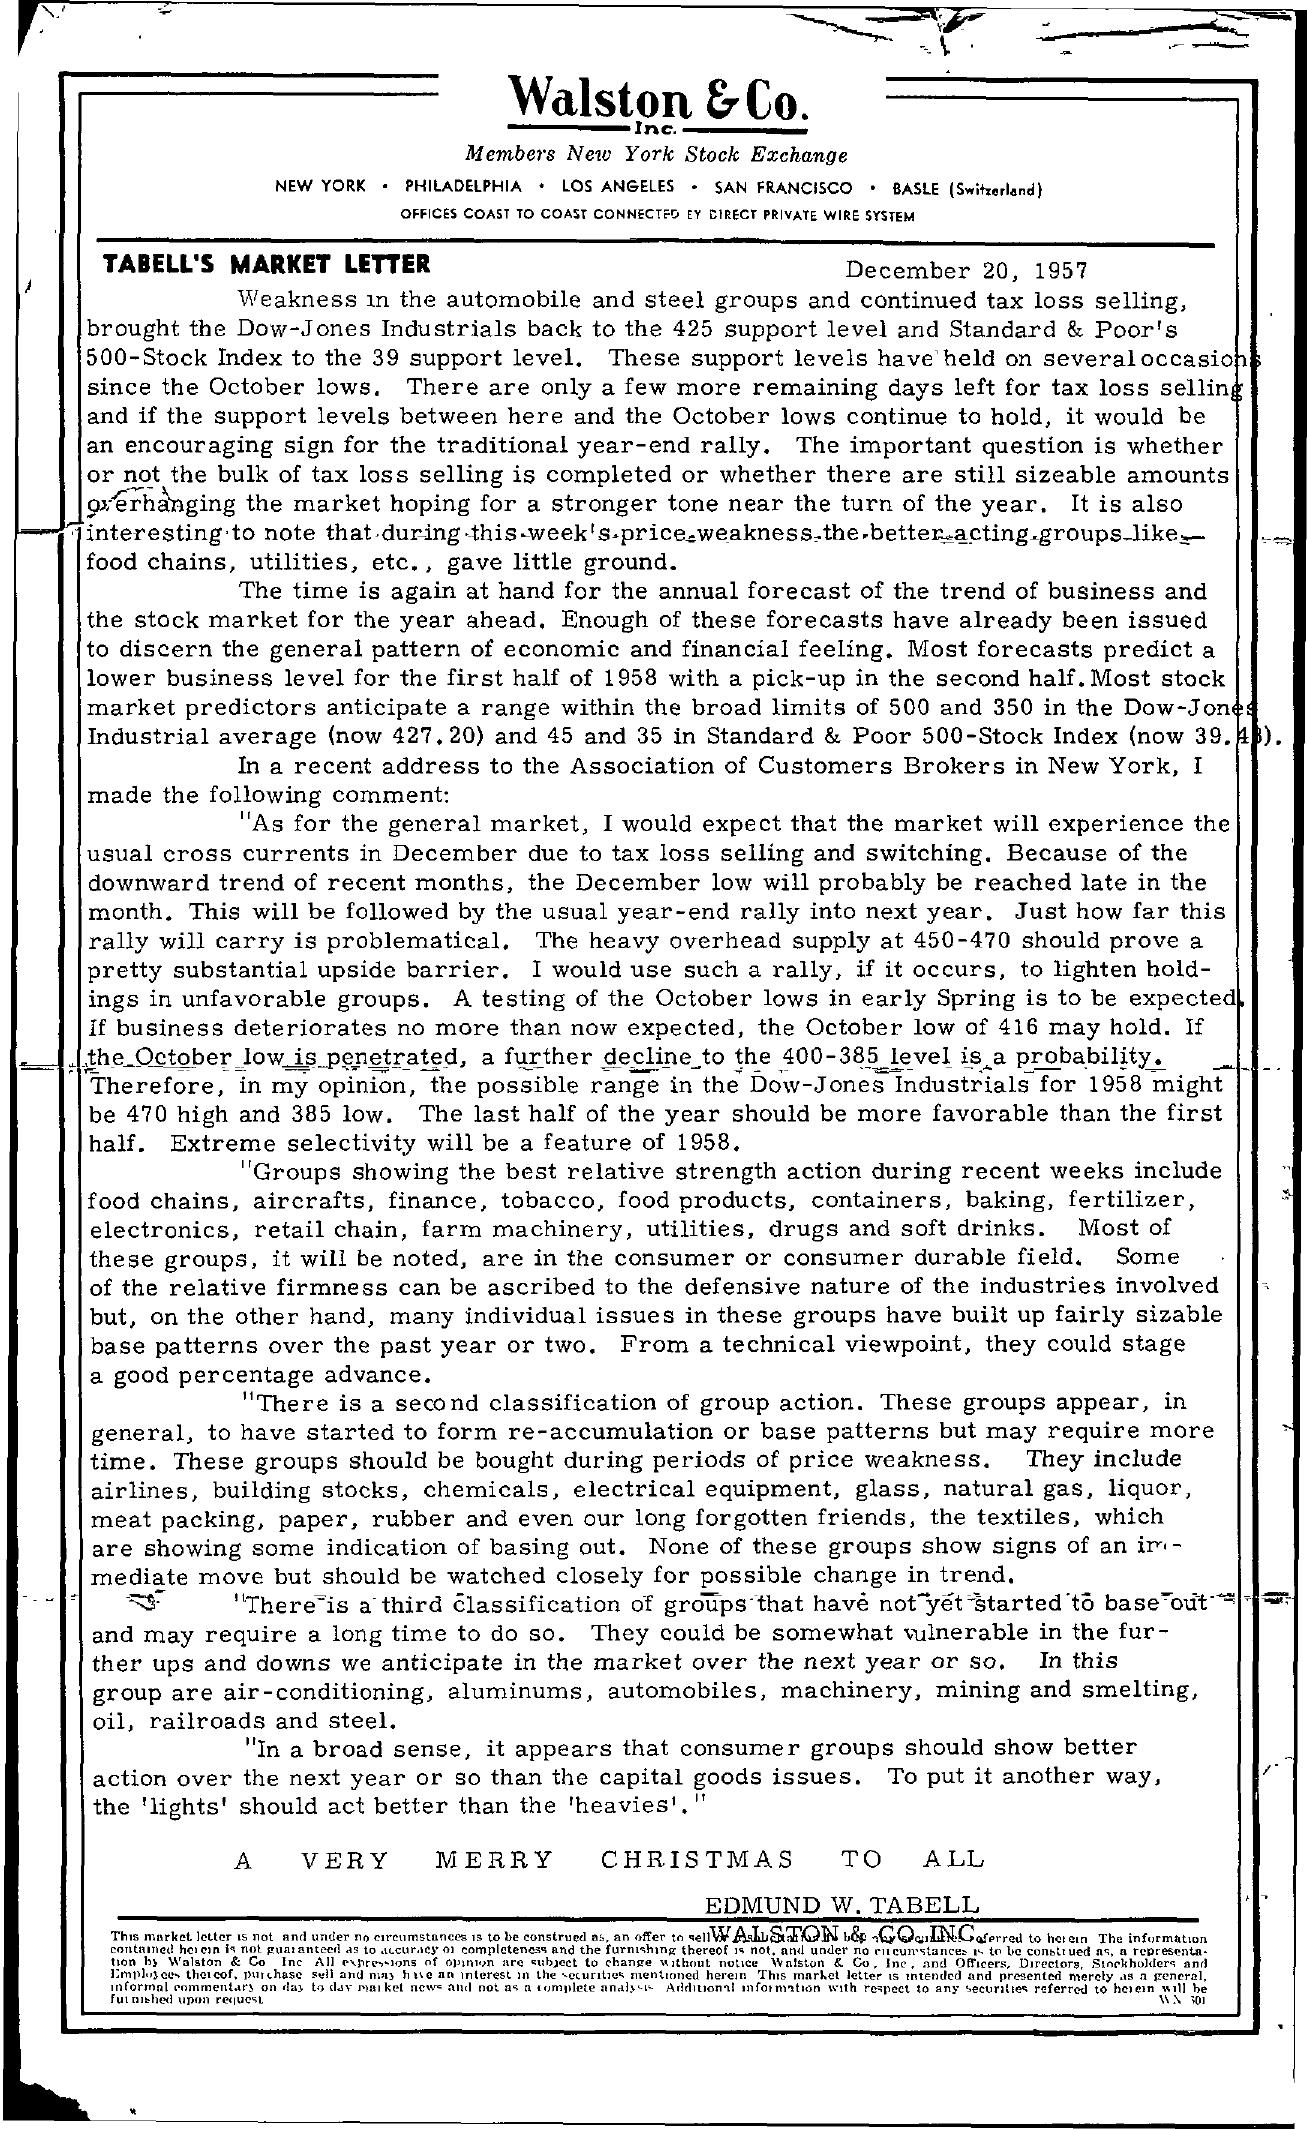 Tabell's Market Letter - December 20, 1957